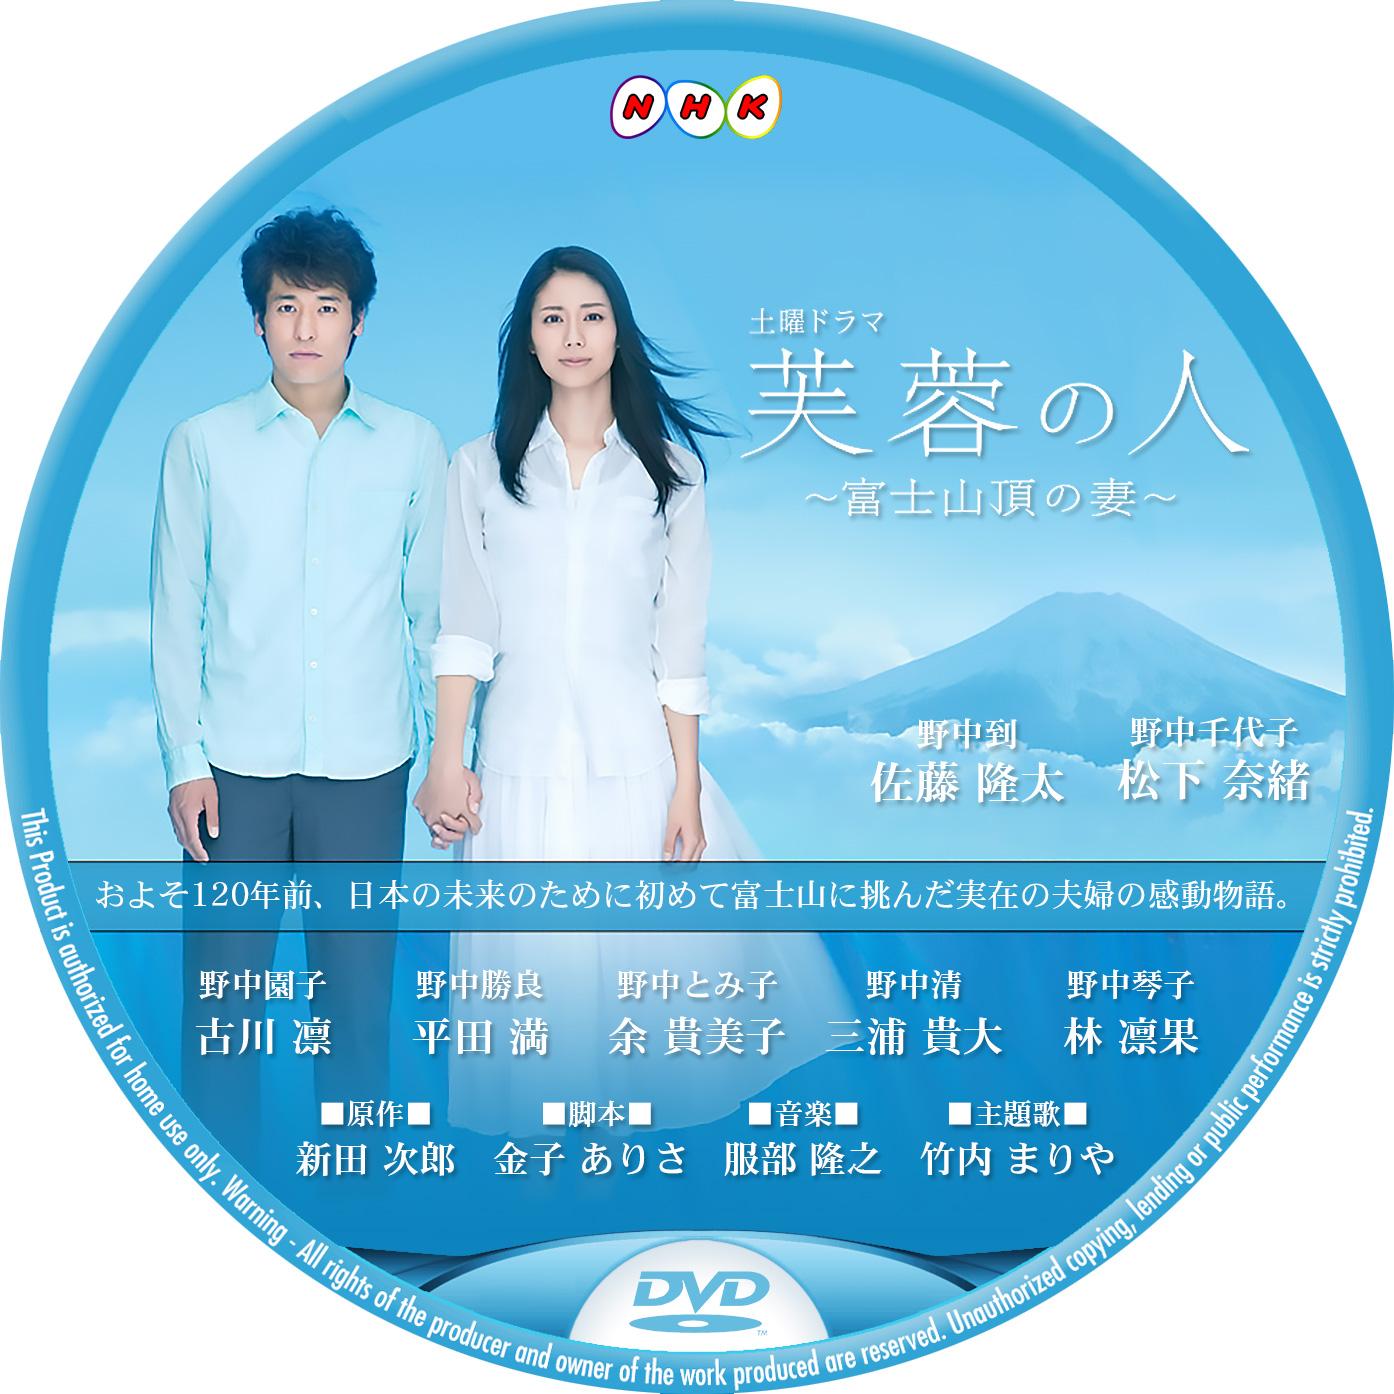 芙蓉の人 富士山 NHK ドラマ DVDラベル